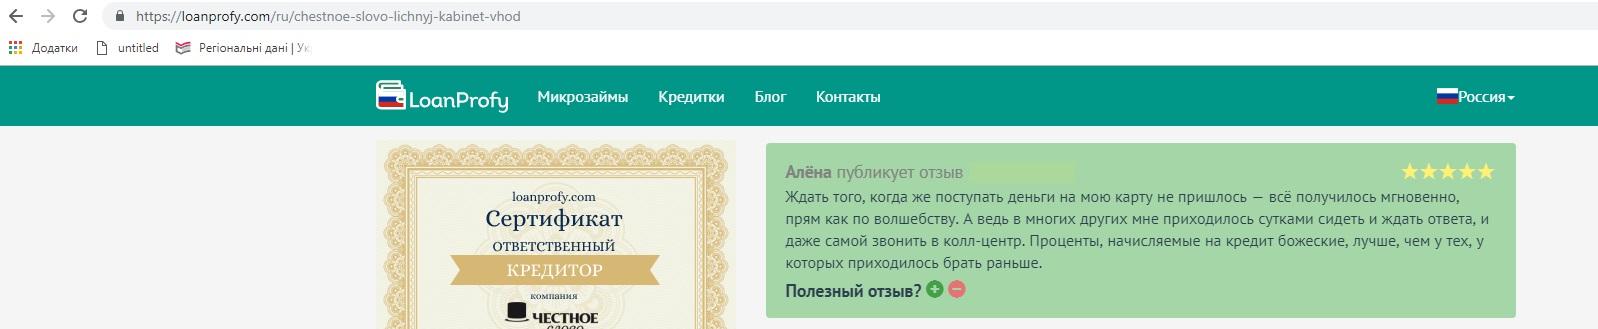 Получить 1000 рублей на карту сбербанк через смс